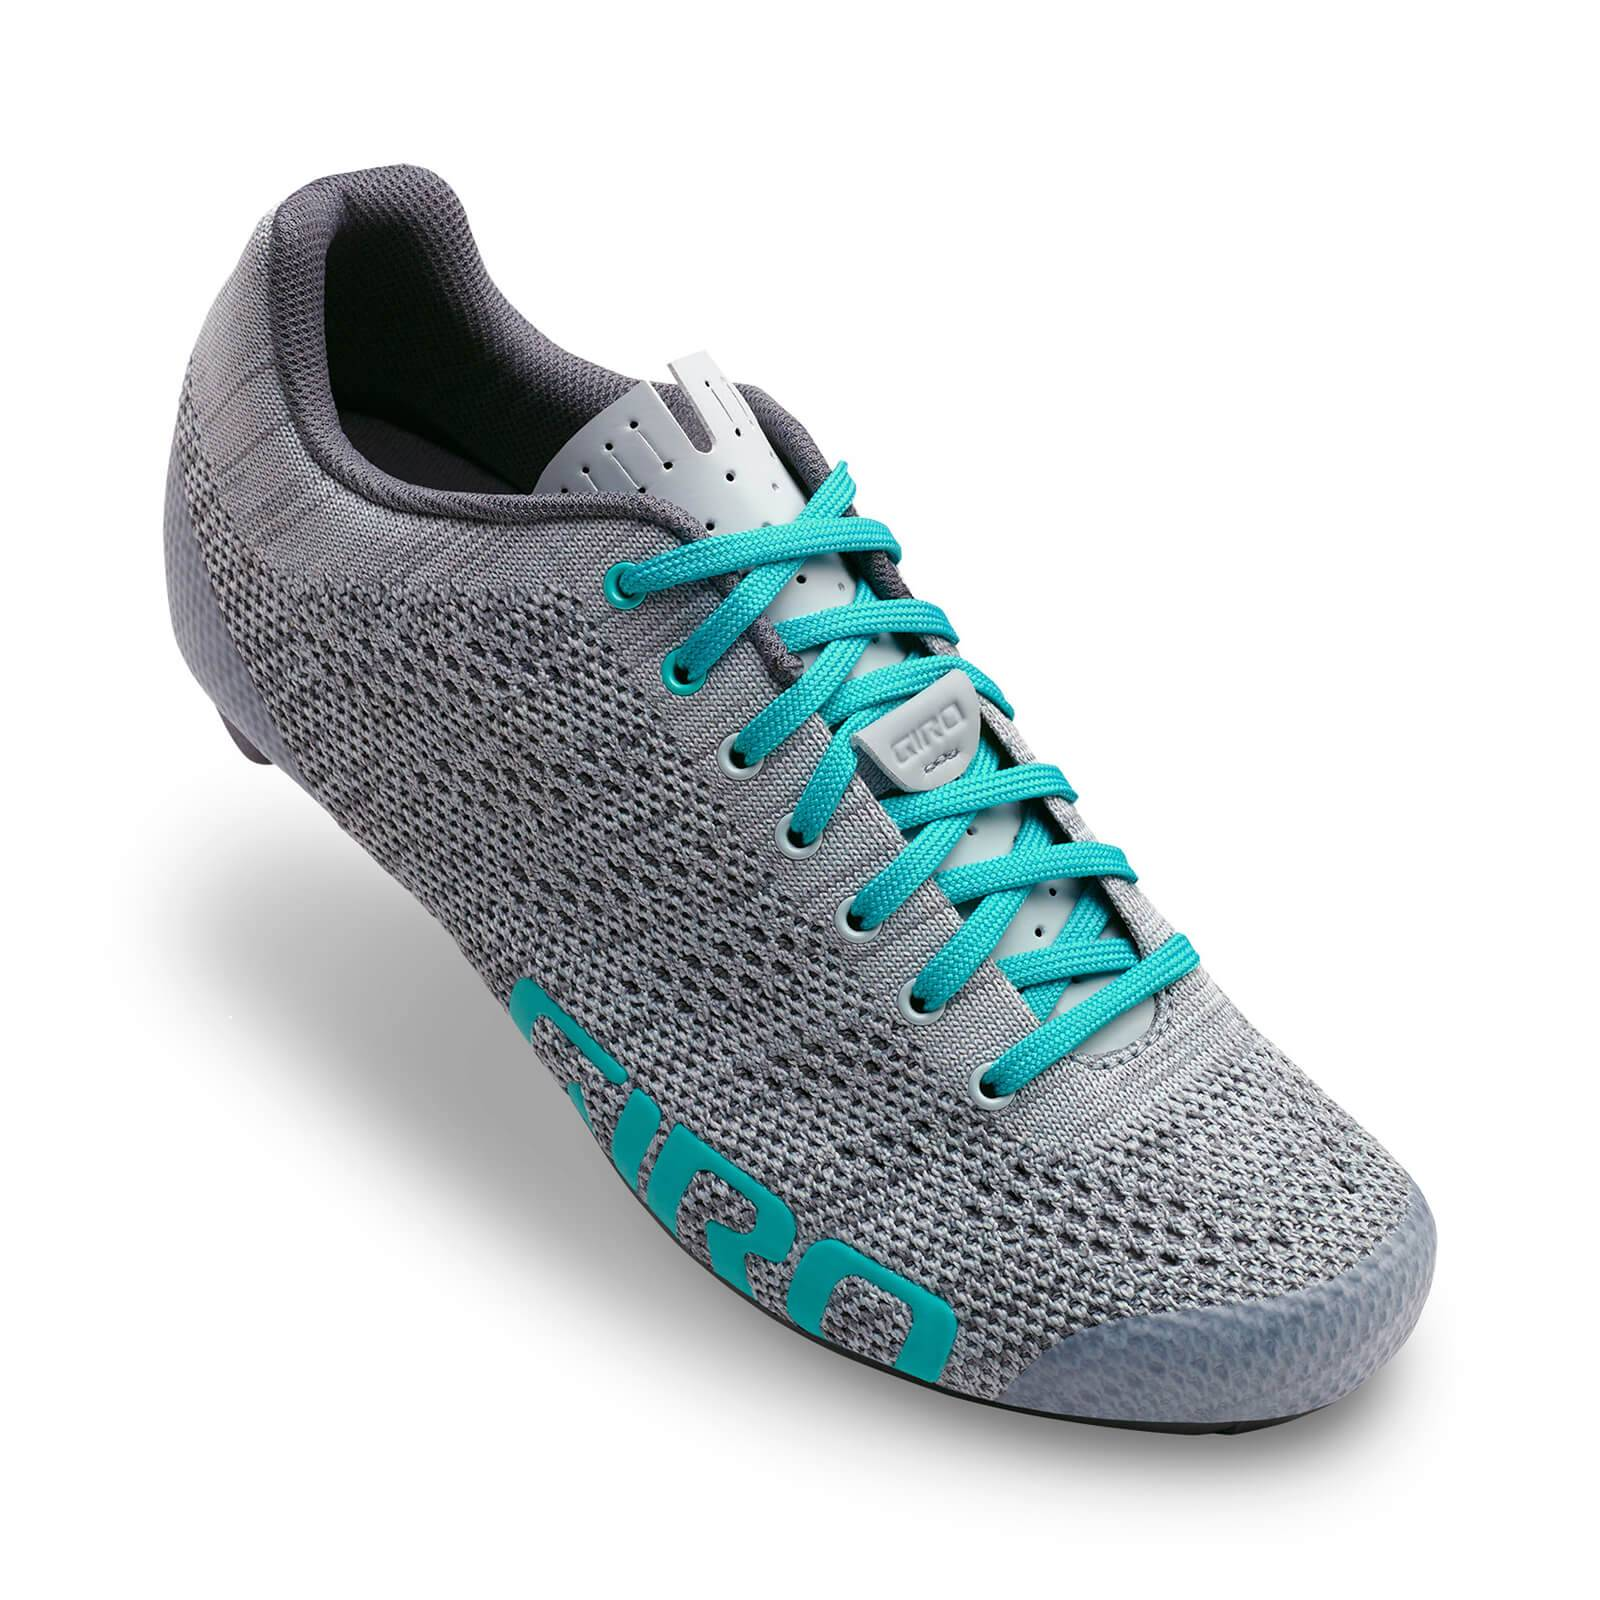 Giro Empire E70 Knit Women's Road Cycling Shoes - Grey/Glacier - EU 40/UK 6.5 - Grey